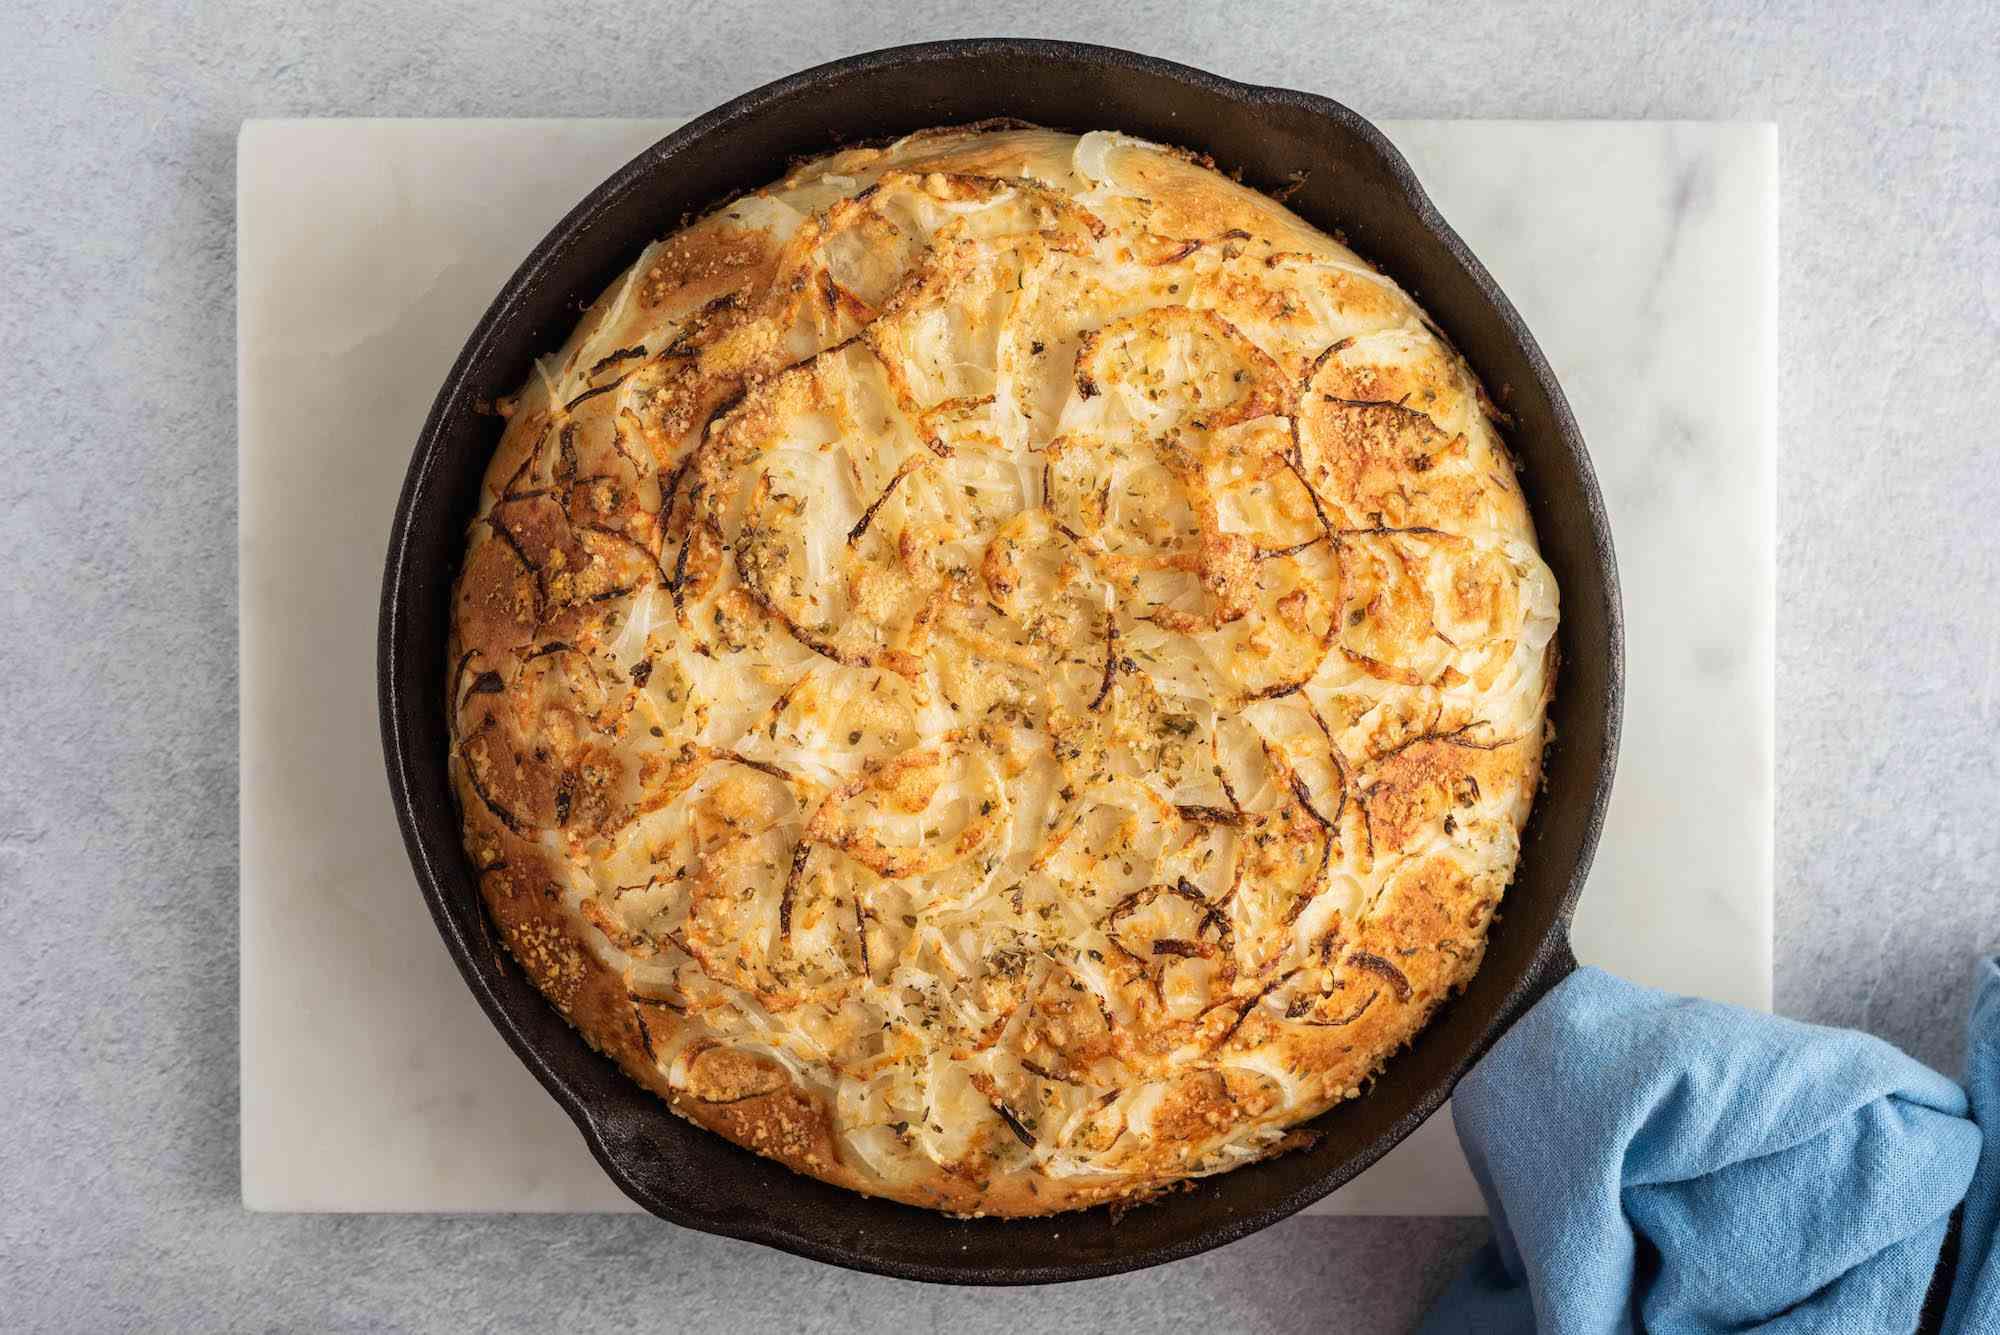 Baked fugazzeta